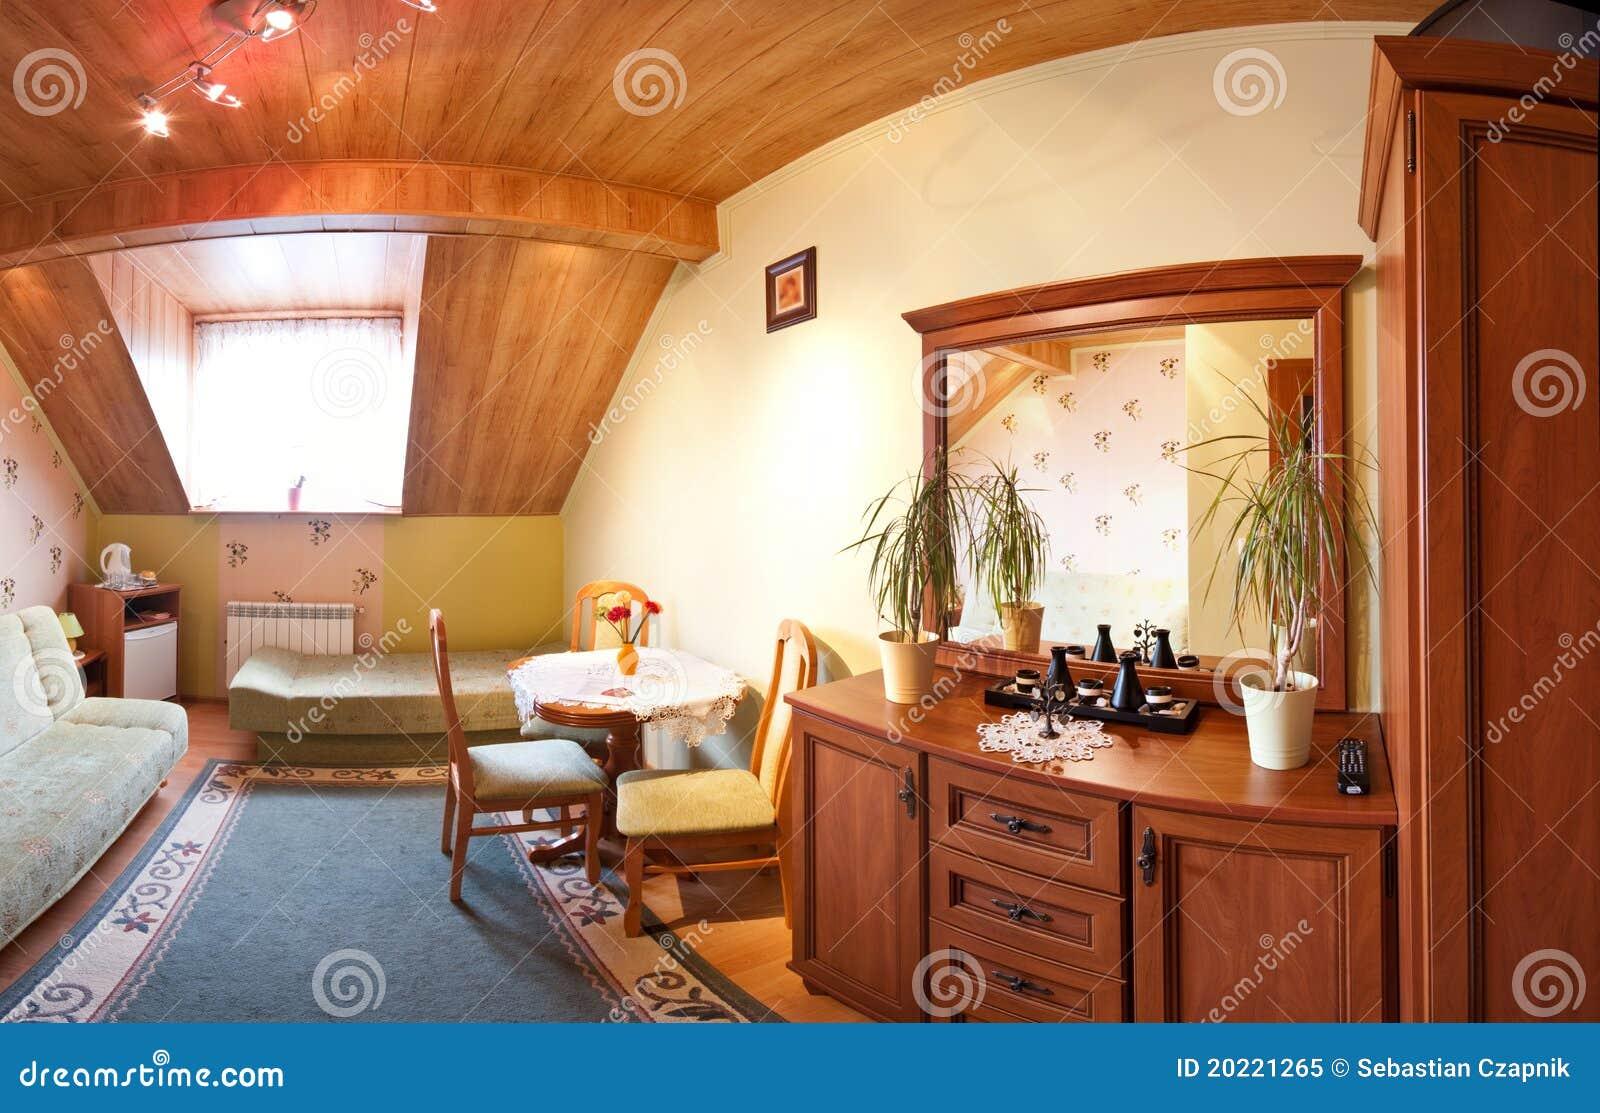 De ruimte van de zolder